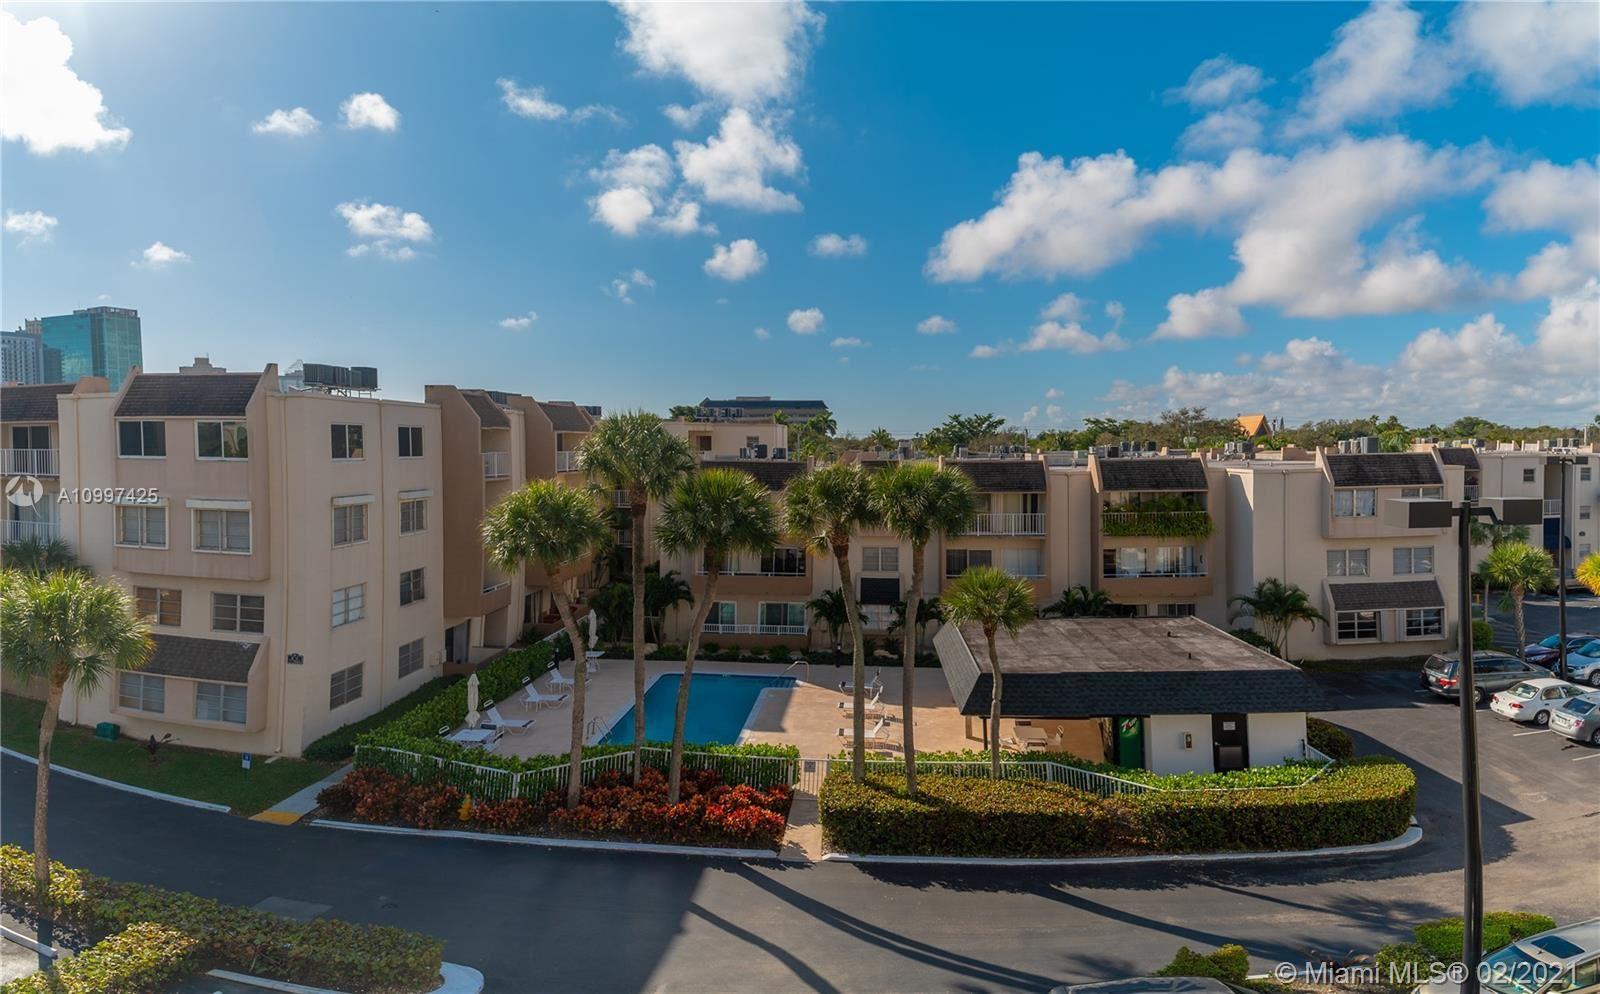 7785 SW 86th St #E417, Miami, FL 33143 - #: A10997425